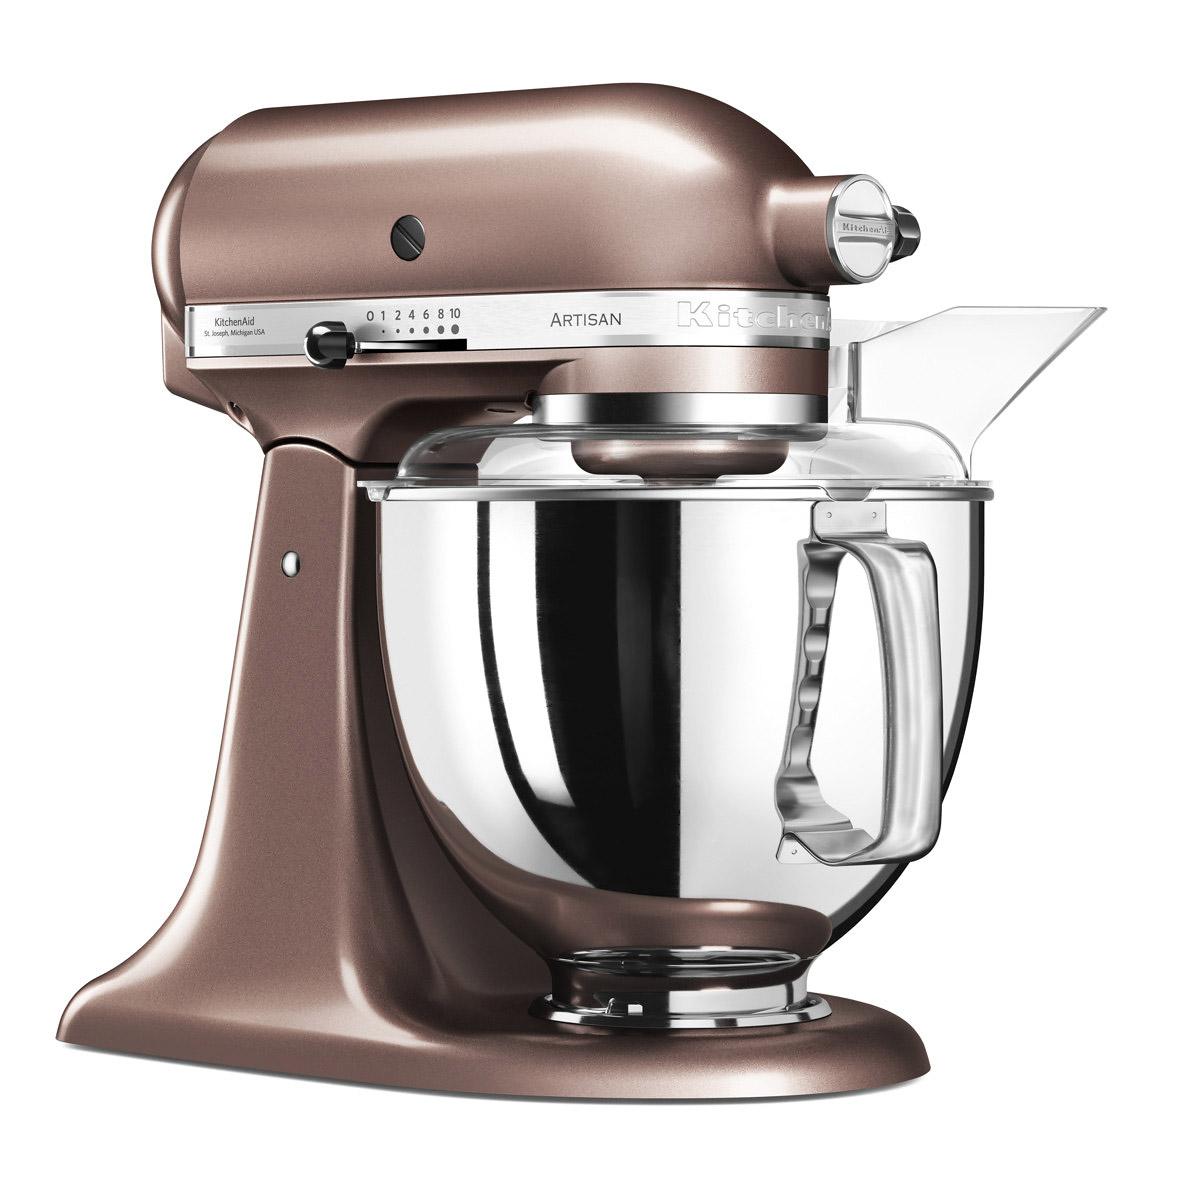 KitchenAid Artisan Elegance standmixer 4,8 liter Appelcider